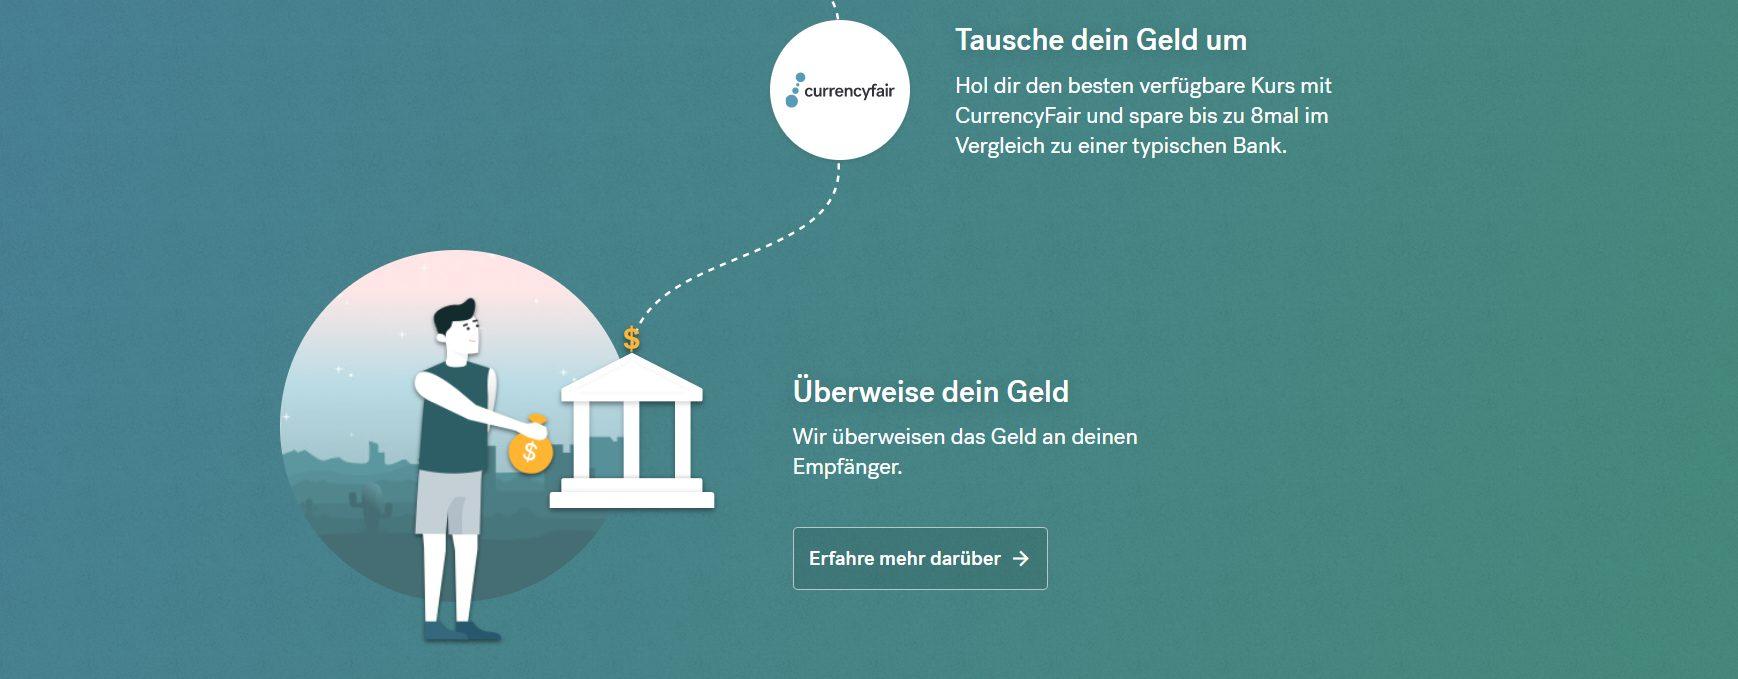 CurrencyFair bietet die besten Kurse zum Sparen an